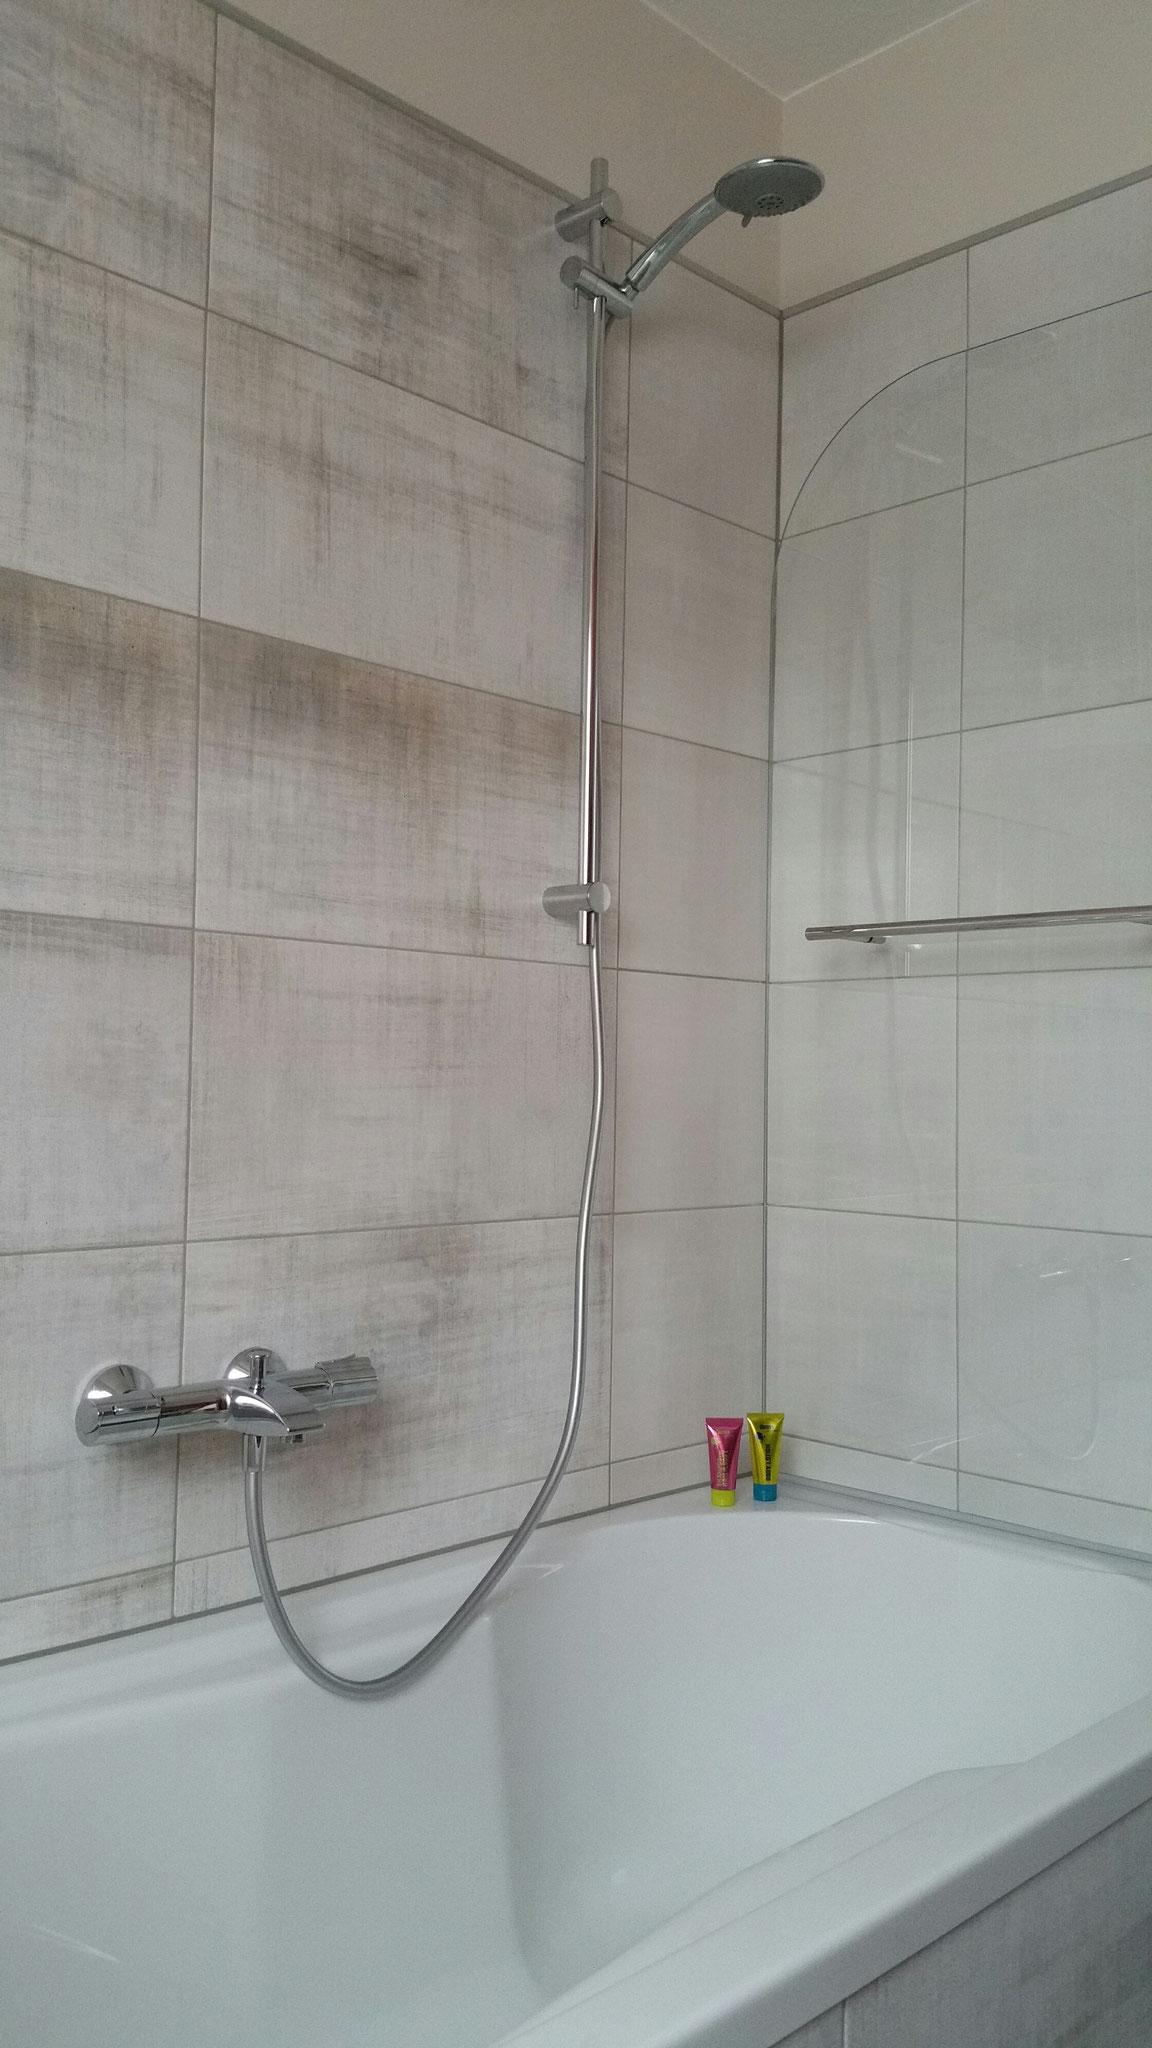 Bad Deluxe Zimmer 7 (mit Duo-Badewanne und integriertem Duschbereich)